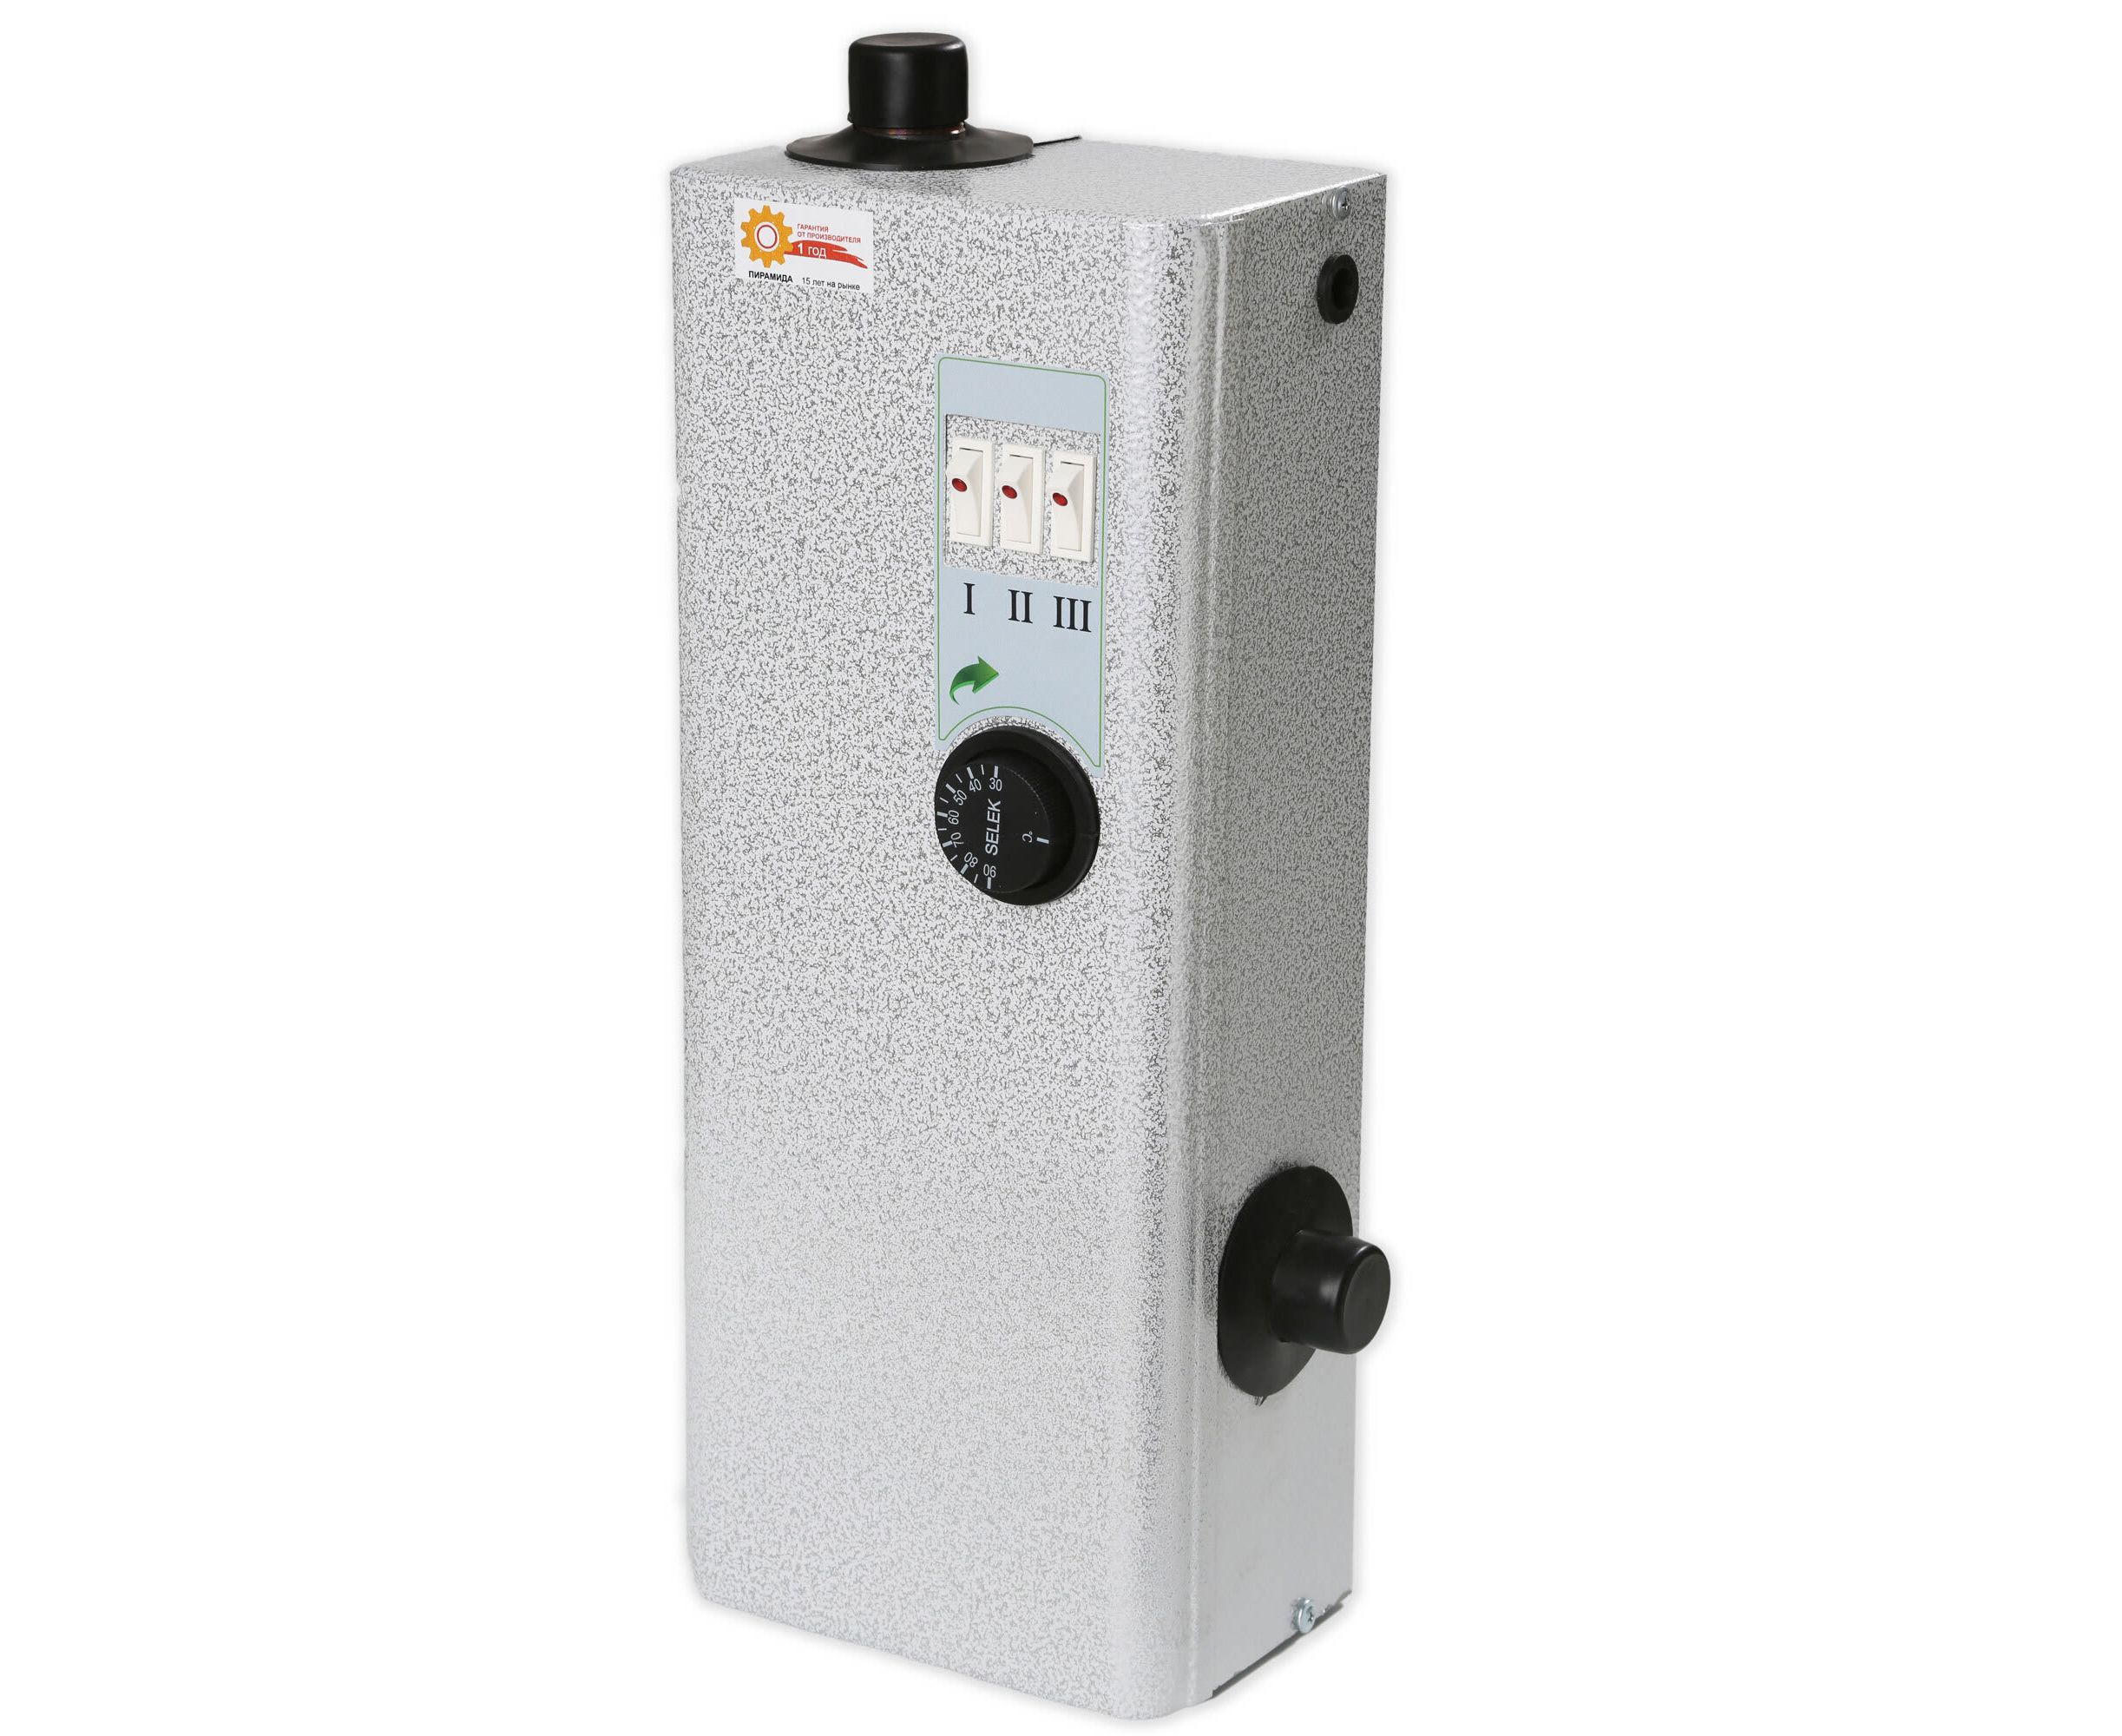 Цена на котёл электрический энергосберегающий отопительный